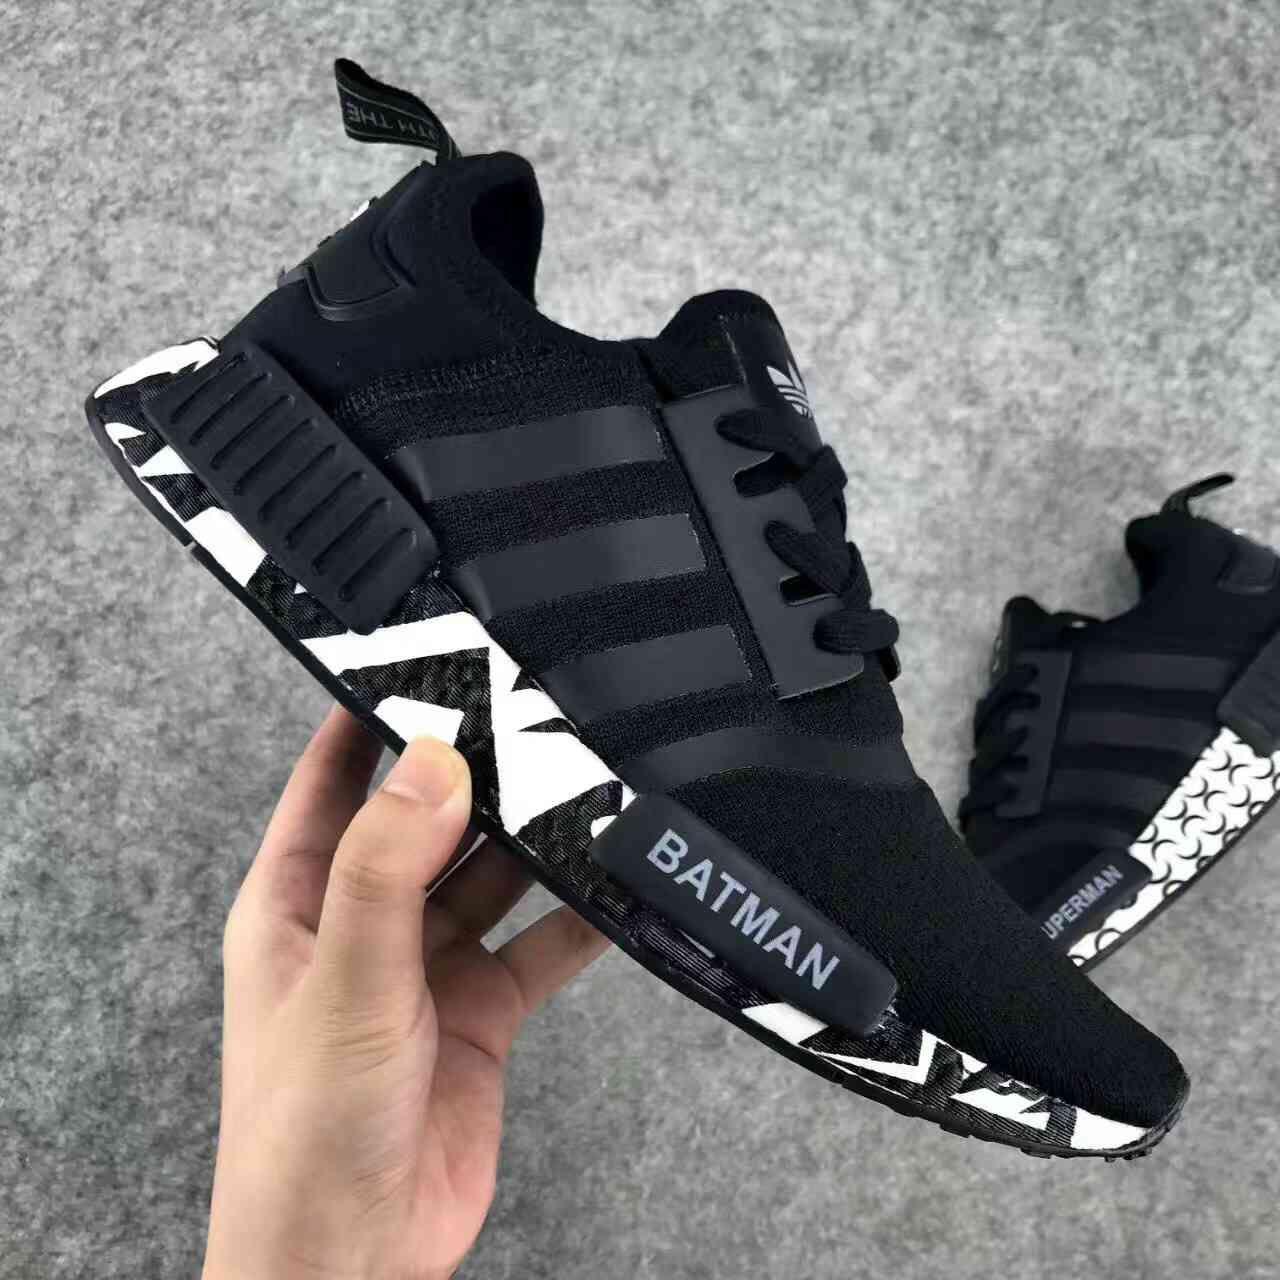 zapatillas adidas hombres nmd